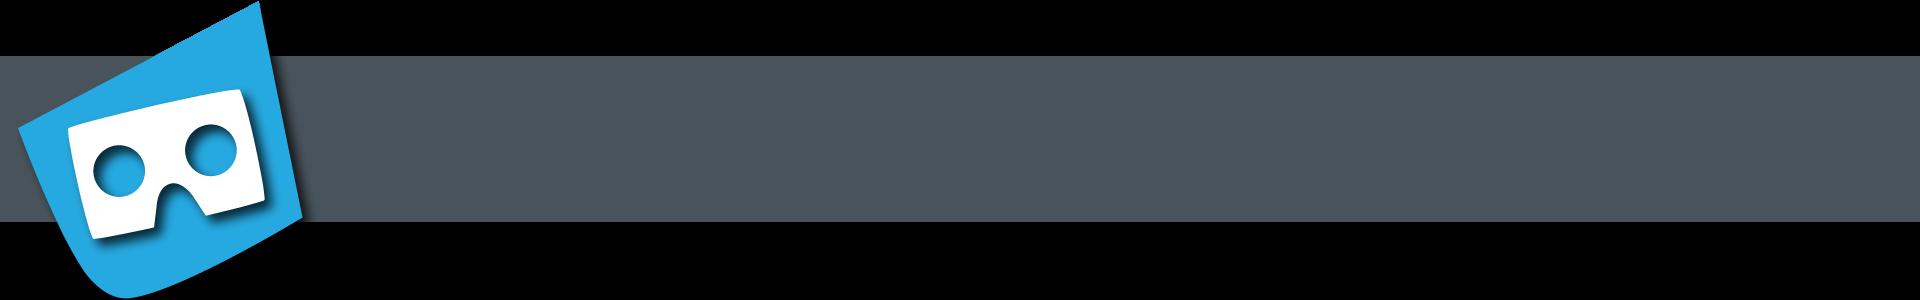 VWF-VR-Banner.png